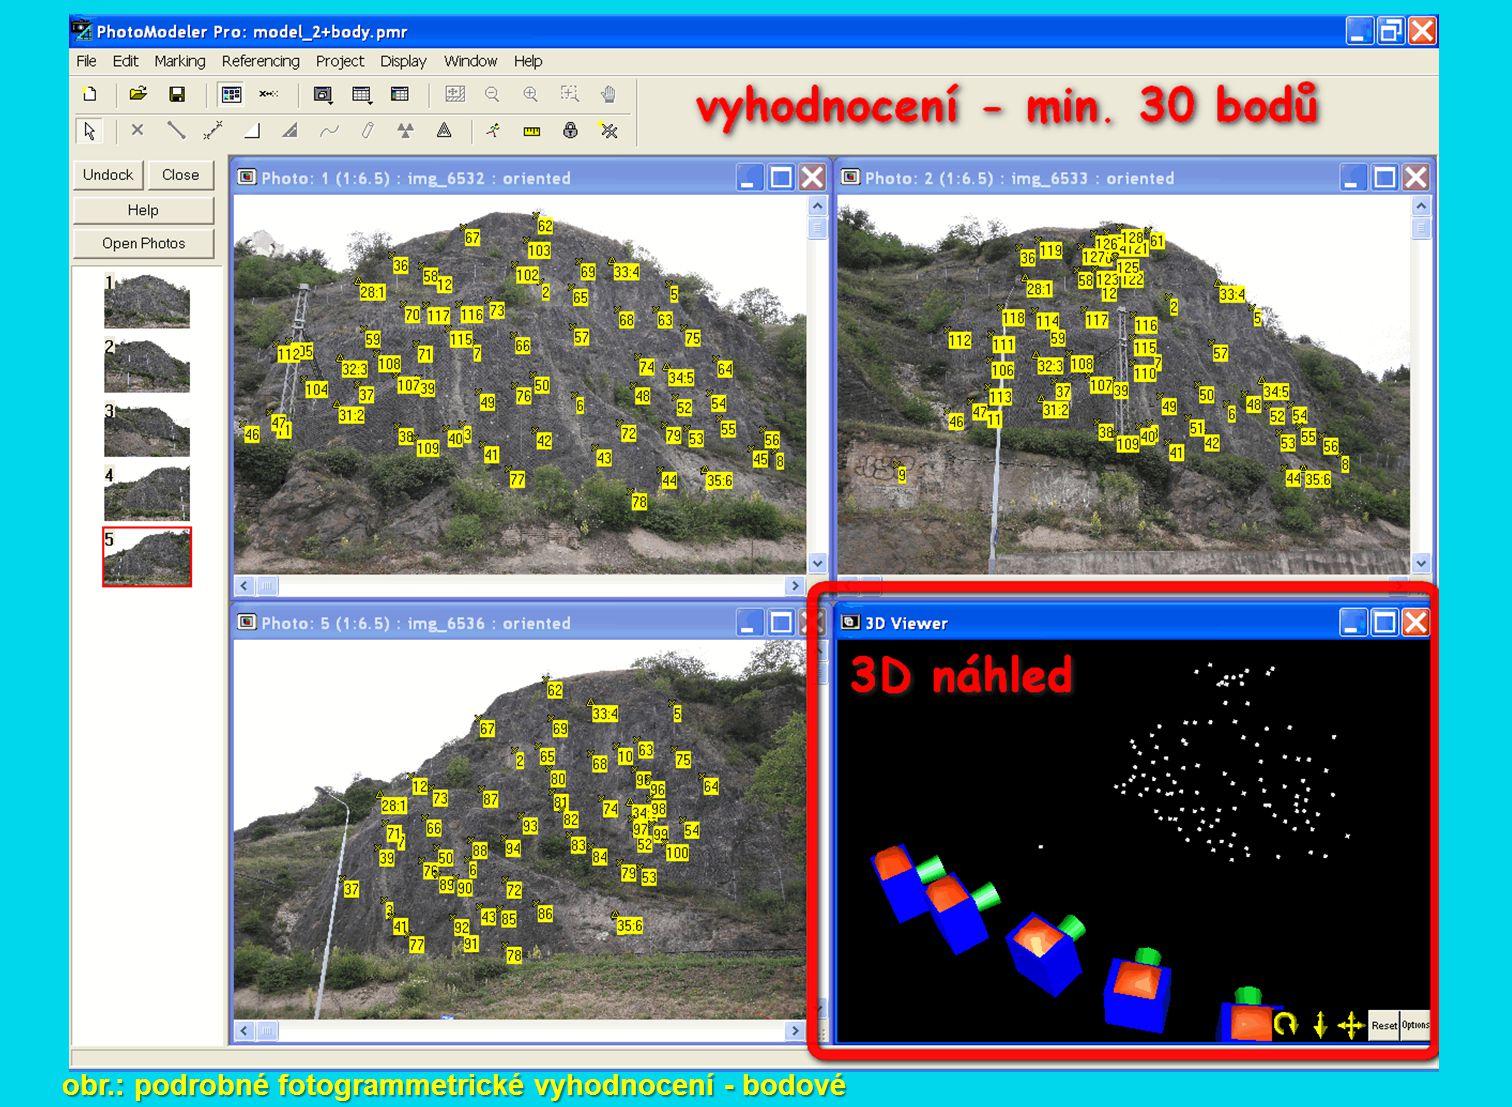 obr.: podrobné fotogrammetrické vyhodnocení - bodové